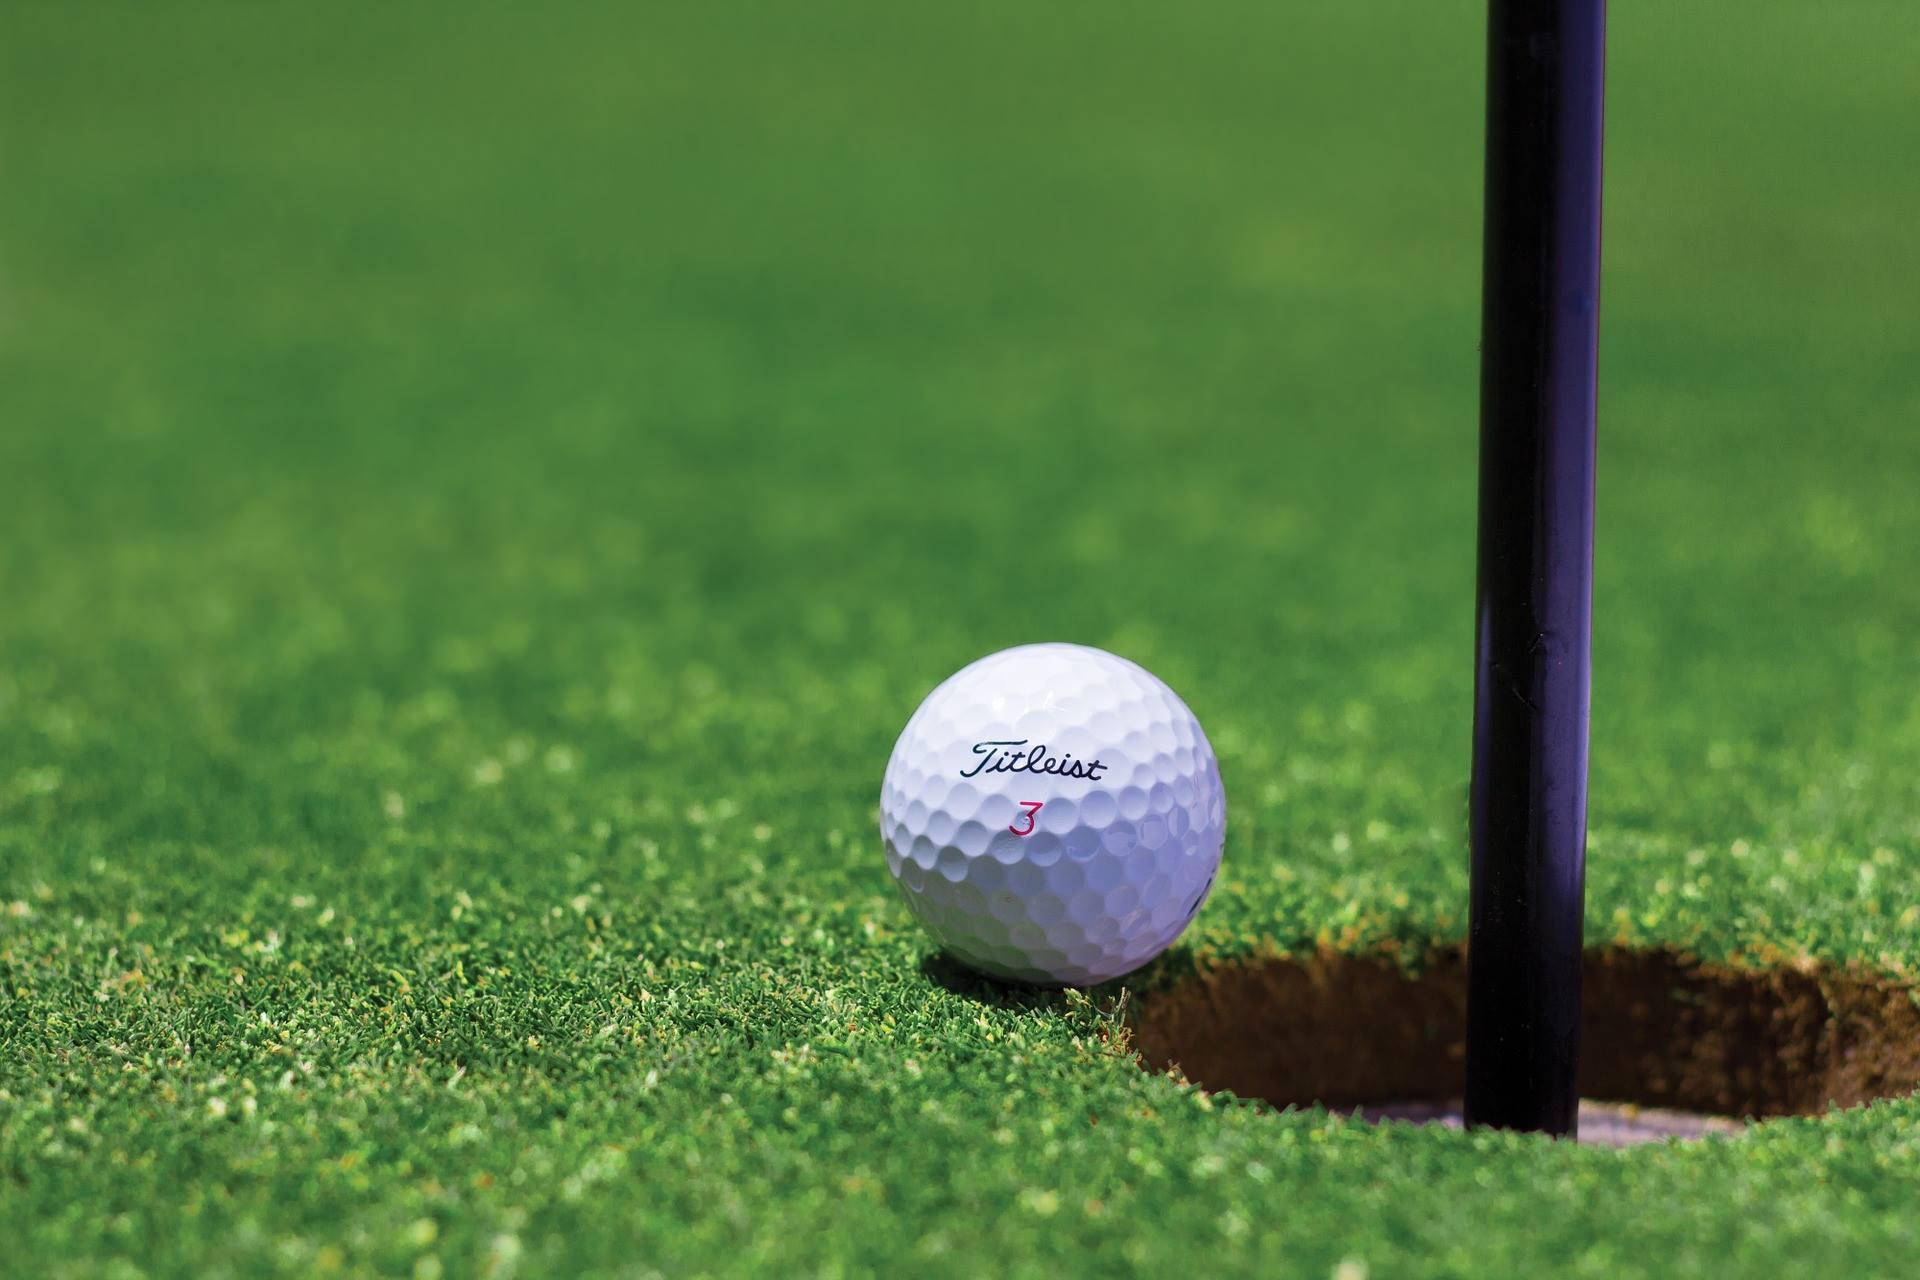 Titleist golf ball near hole